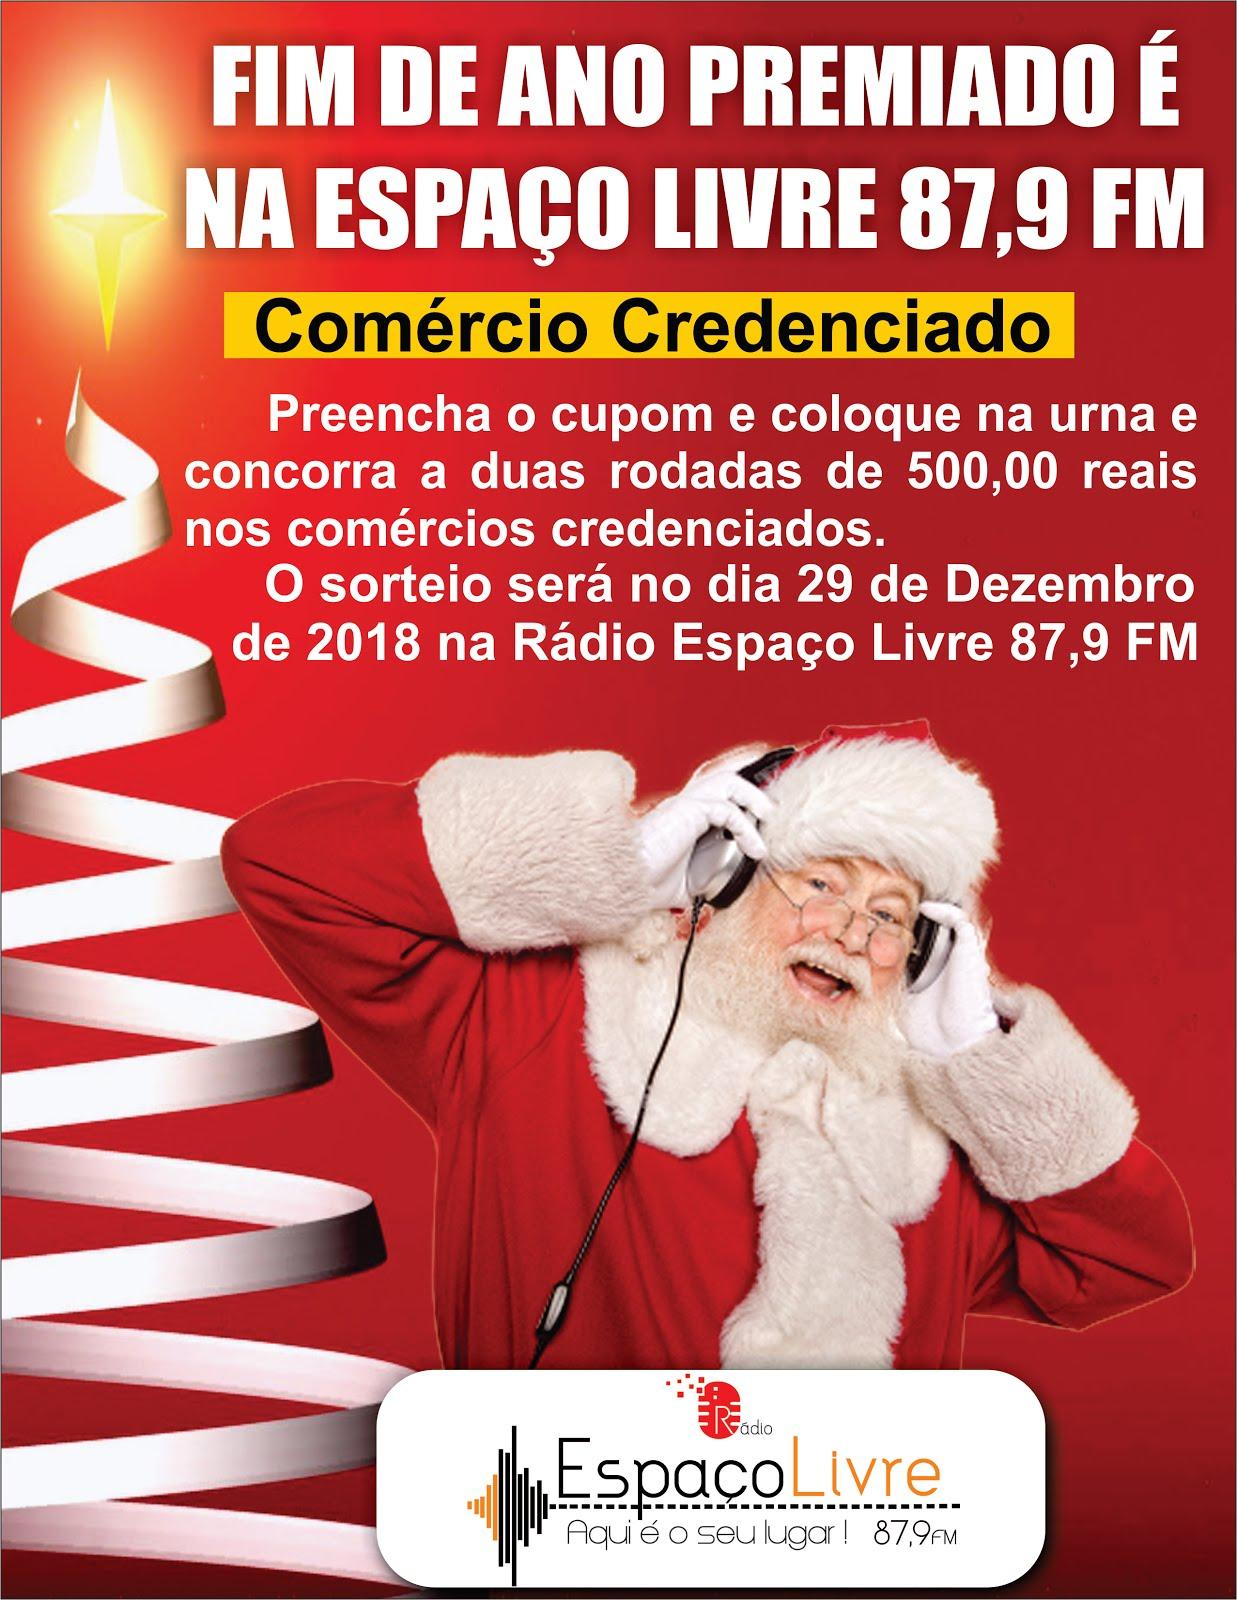 FIM DE ANO PREMIADO É NA ESPAÇO LIVRE FM 87,9 - COMÉRCIOS CREDENCIADOS